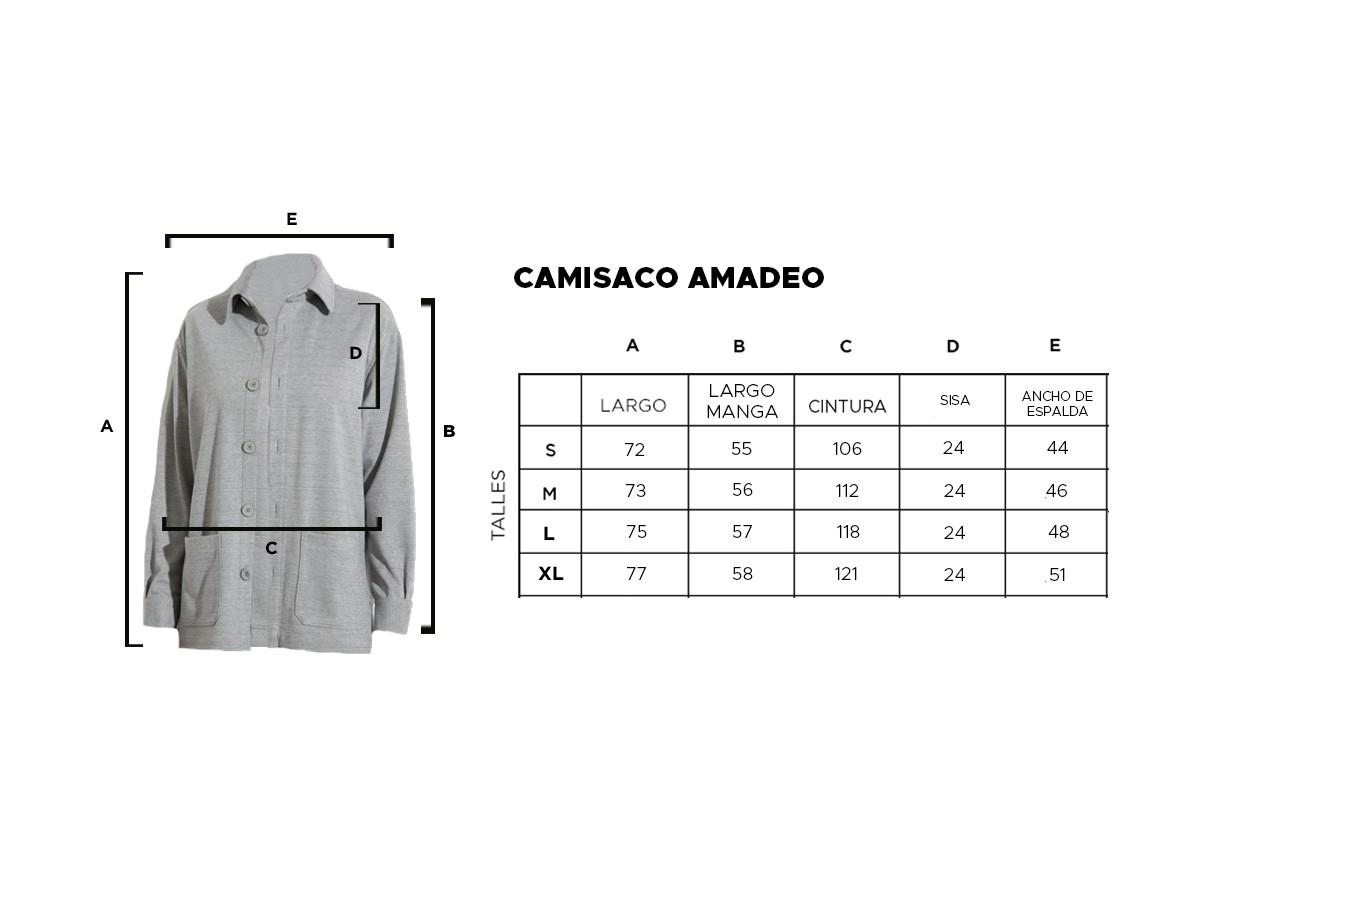 CAMISACO AMADEO